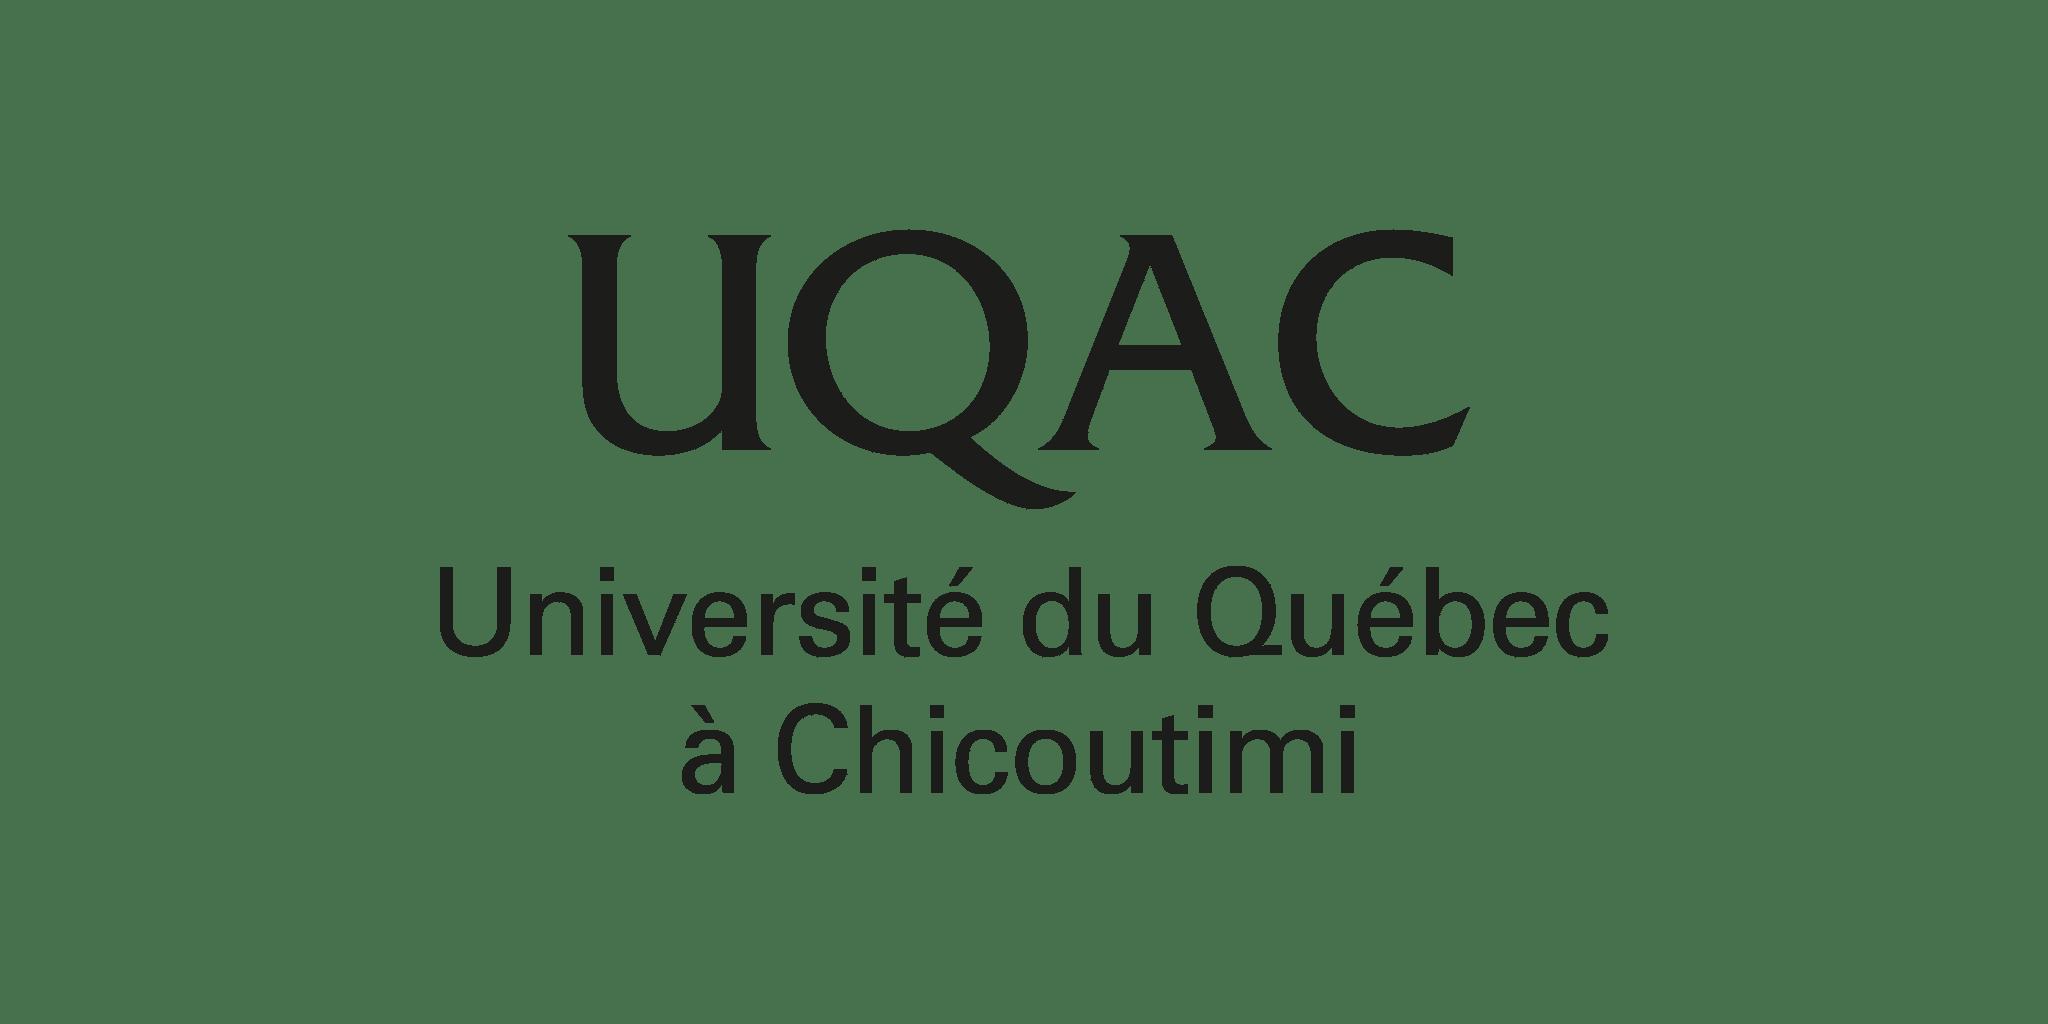 UQAC – Université du Québec à Chicoutimi